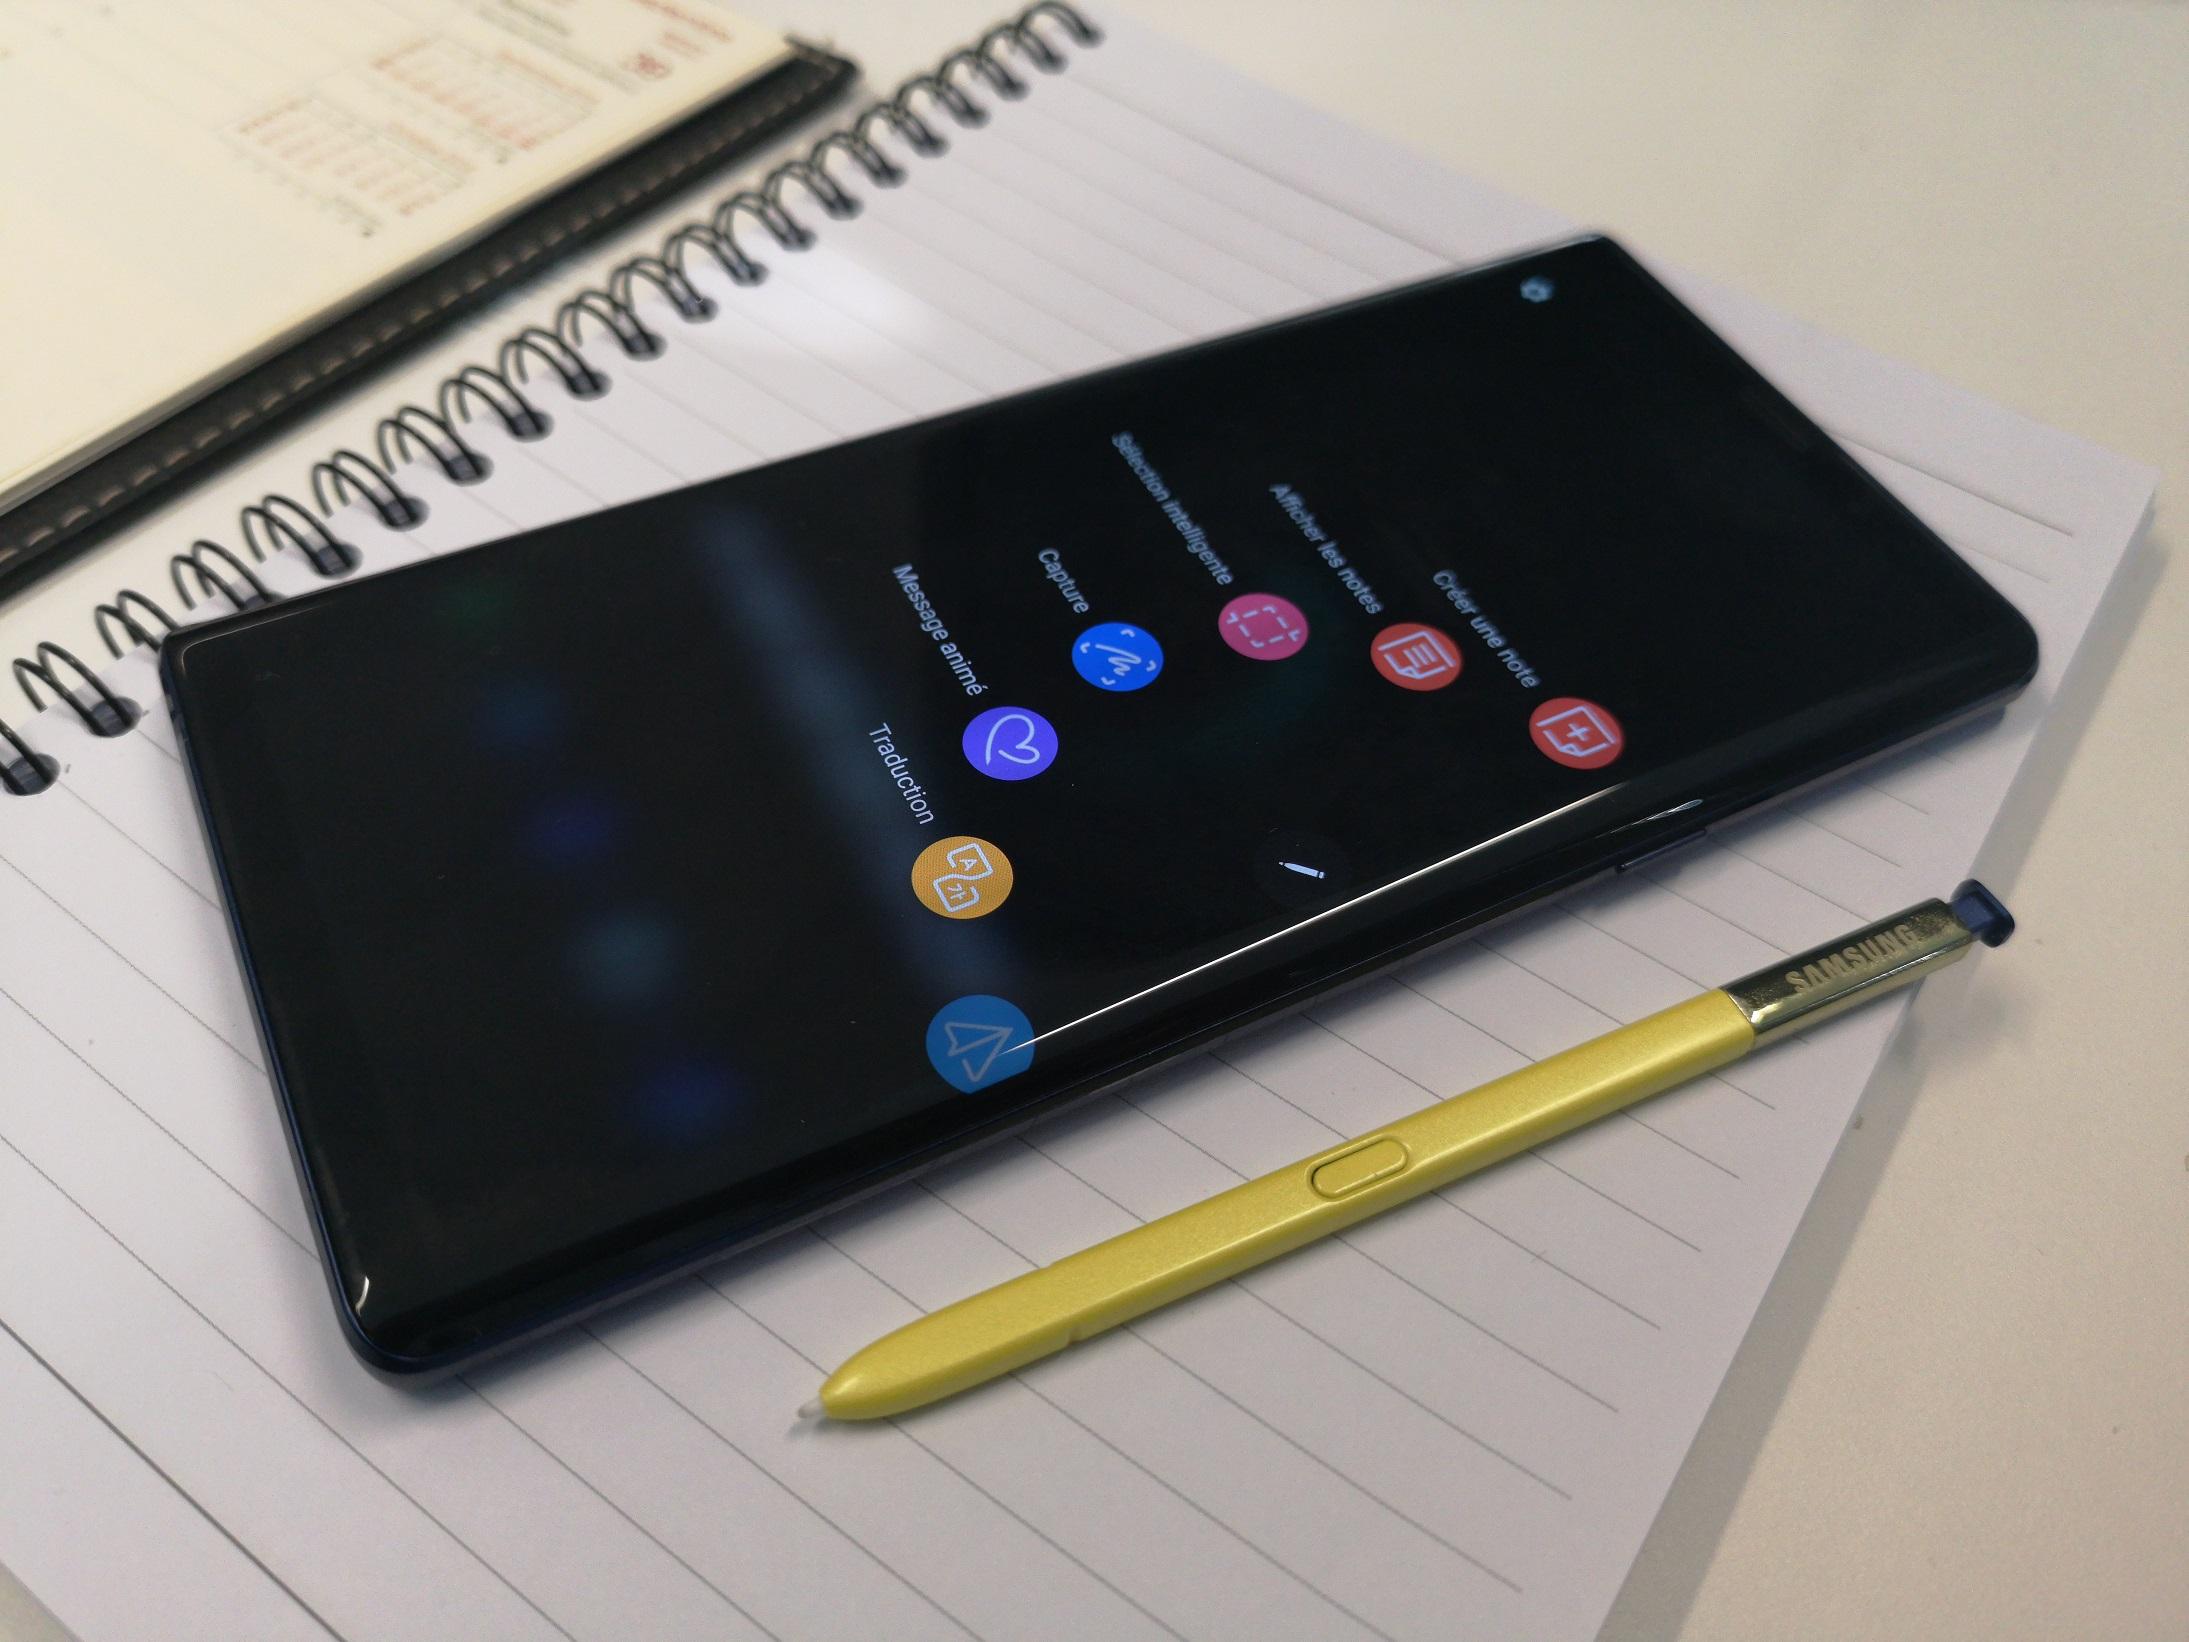 Test Samsung Galaxy Note 9 - [ TEST ] Samsung Galaxy Note 9 : c'est cher mais qu'est-ce que c'est bon !